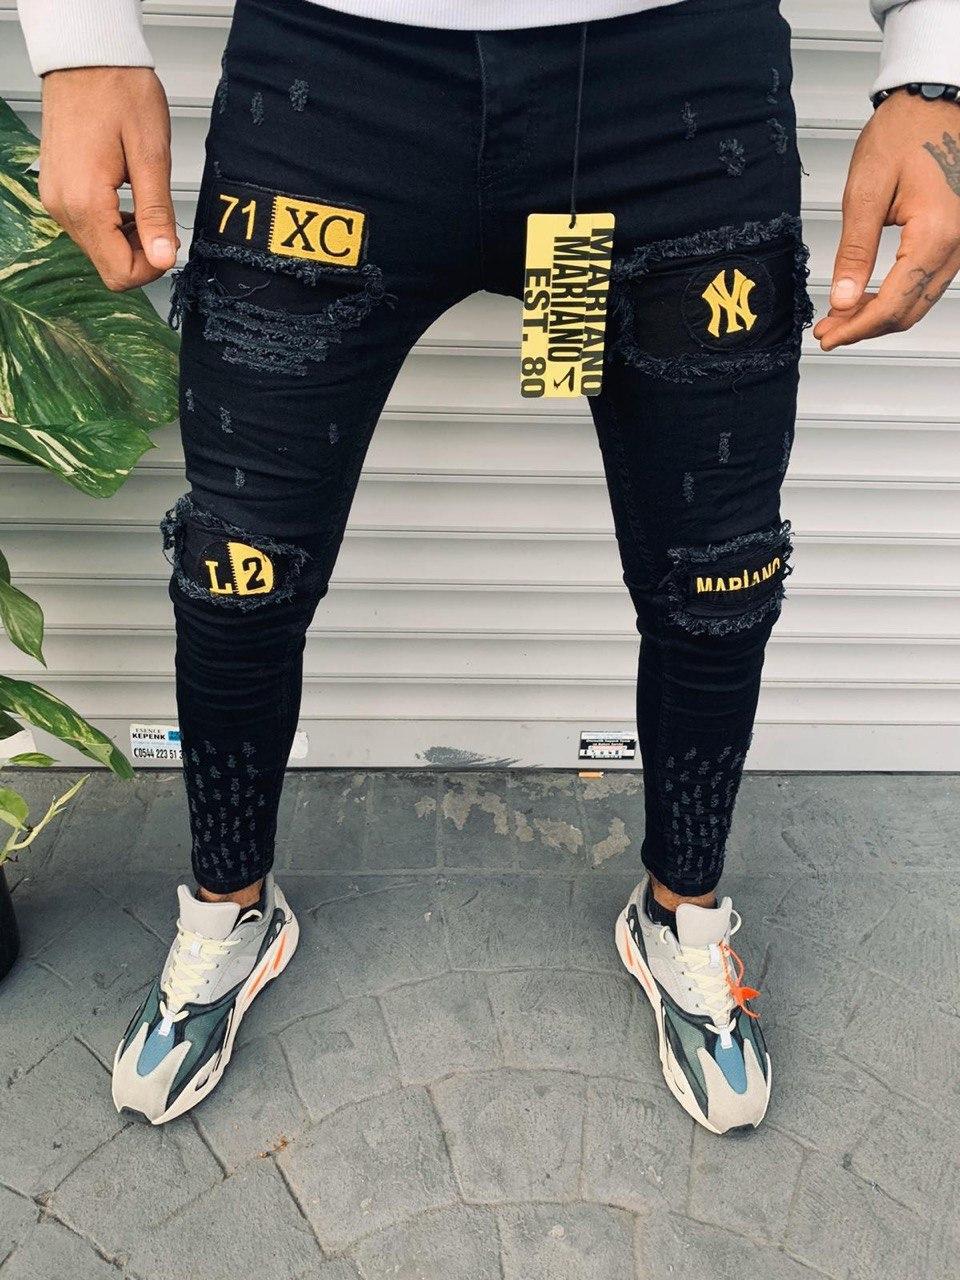 😝 Джинси - Чоловічі джинси (чорні) 71XC